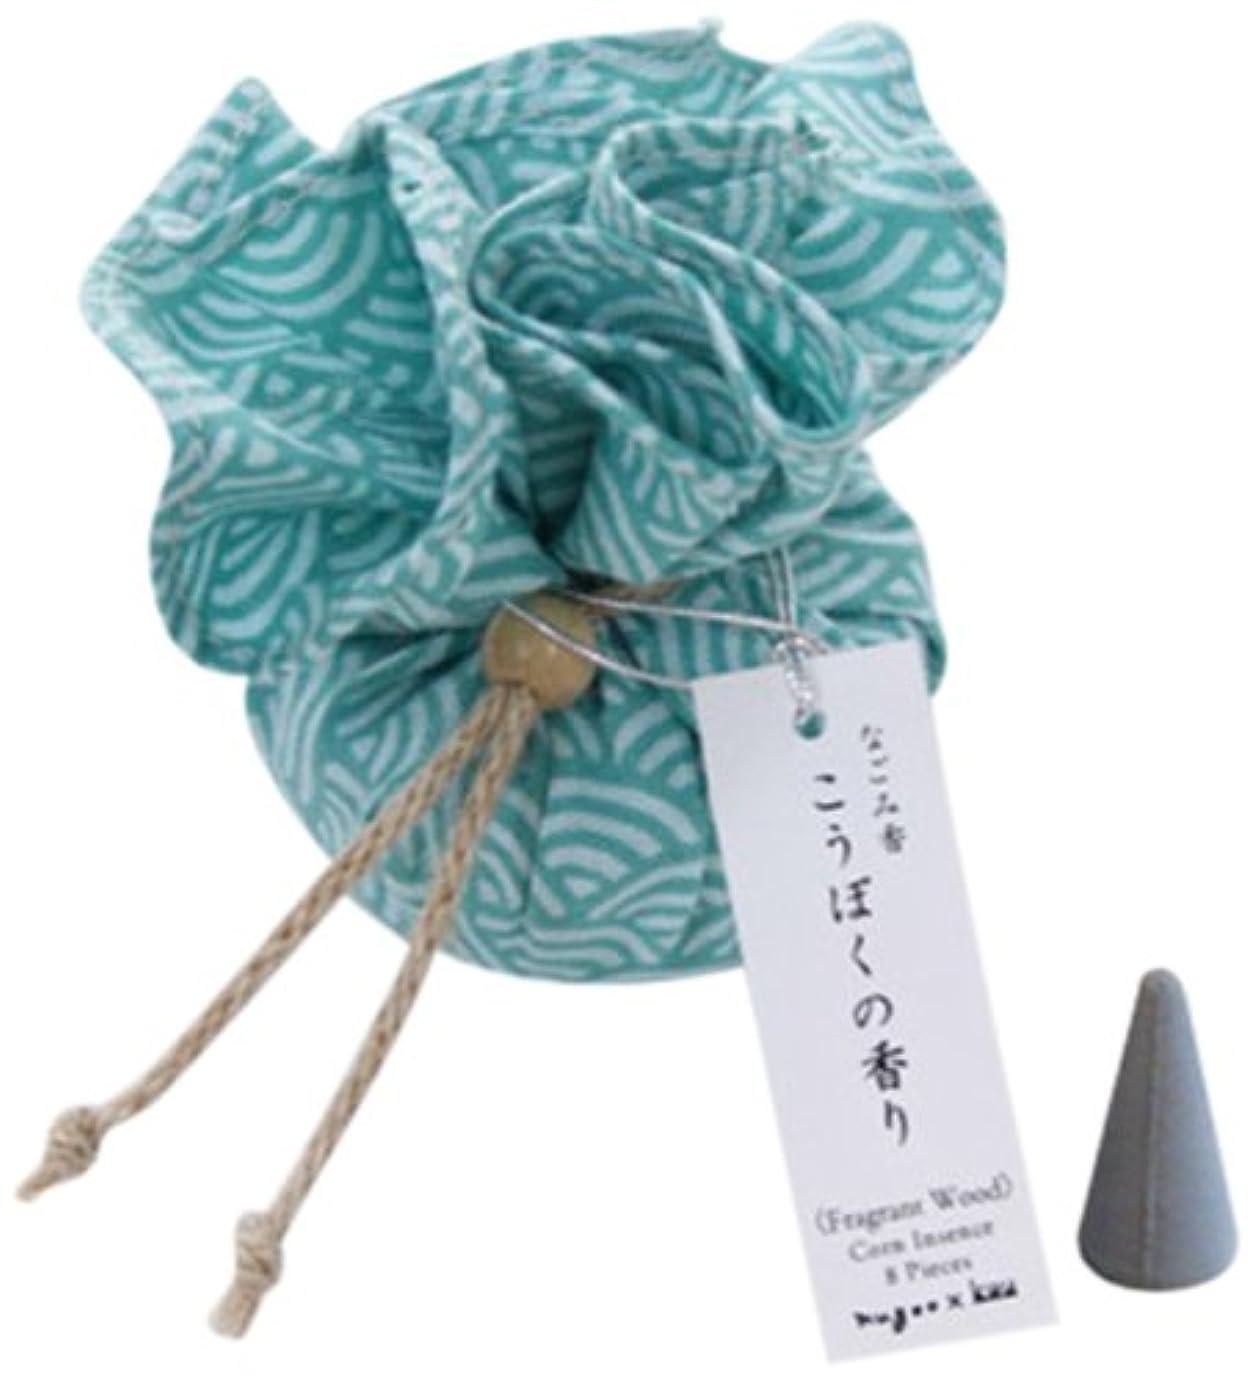 スペイン変化情緒的なごみ香 手拭巾着包 お香(コーンインセンス) こうぼくの香り nugoo×kou 青海波